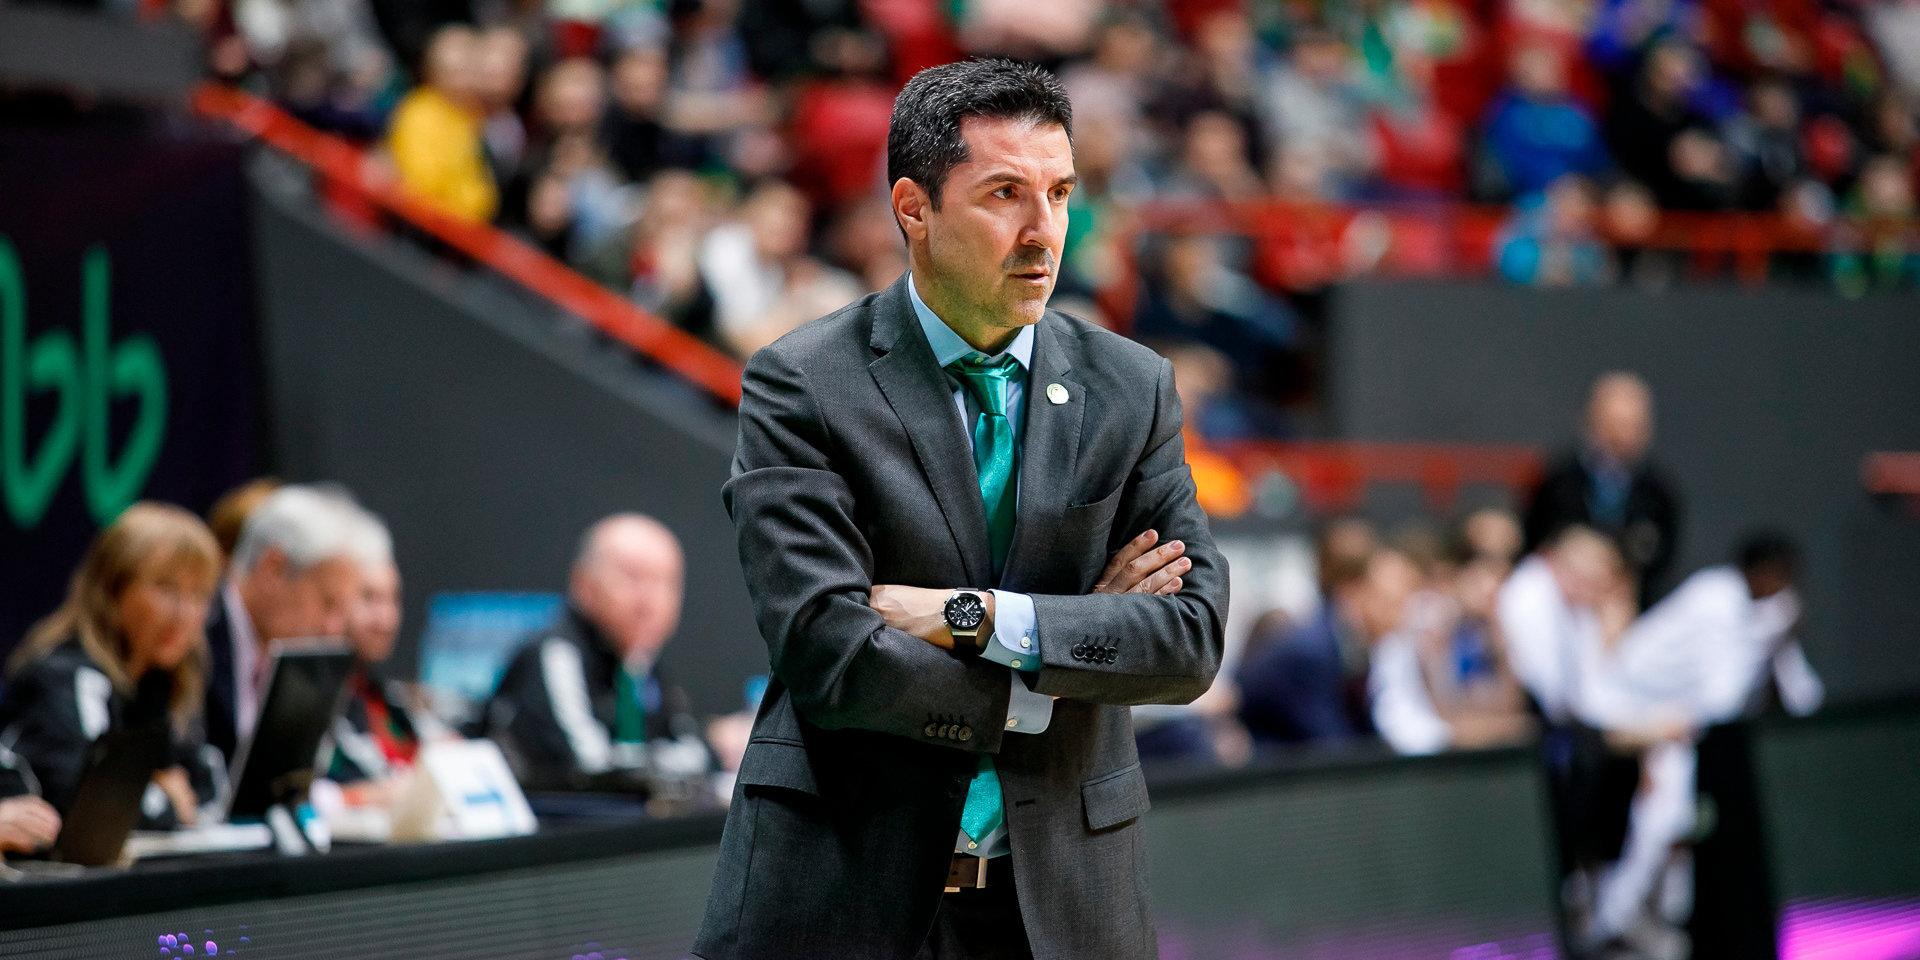 Димитриос Прифтис: «УНИКС не имеет права на ошибку в матче с «Галатасараем»